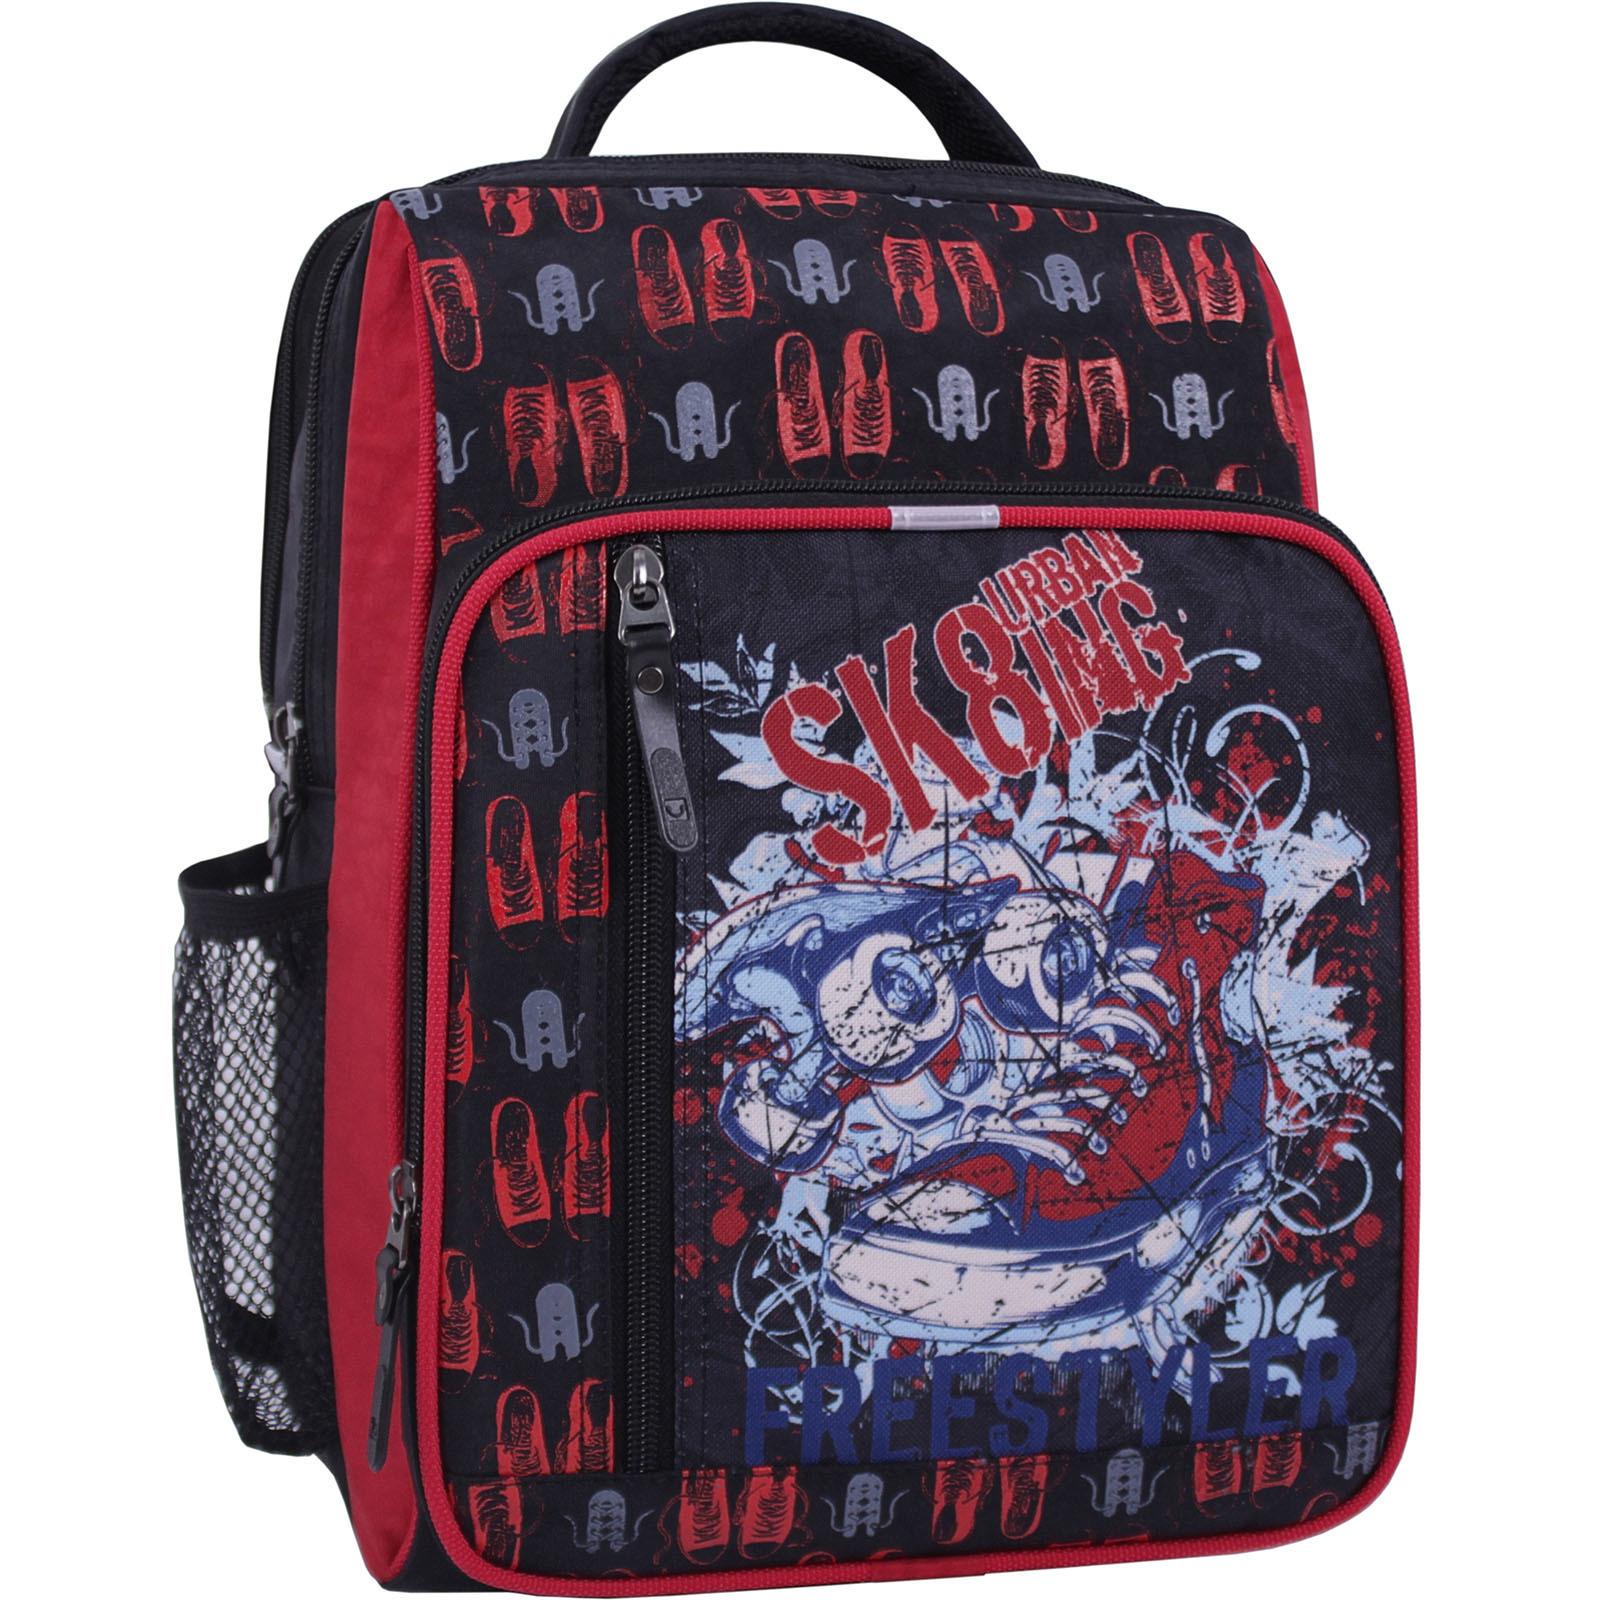 Детские рюкзаки Рюкзак школьный Bagland Школьник 8 л. черный 609 (0012870) IMG_0975_суб.609_.JPG